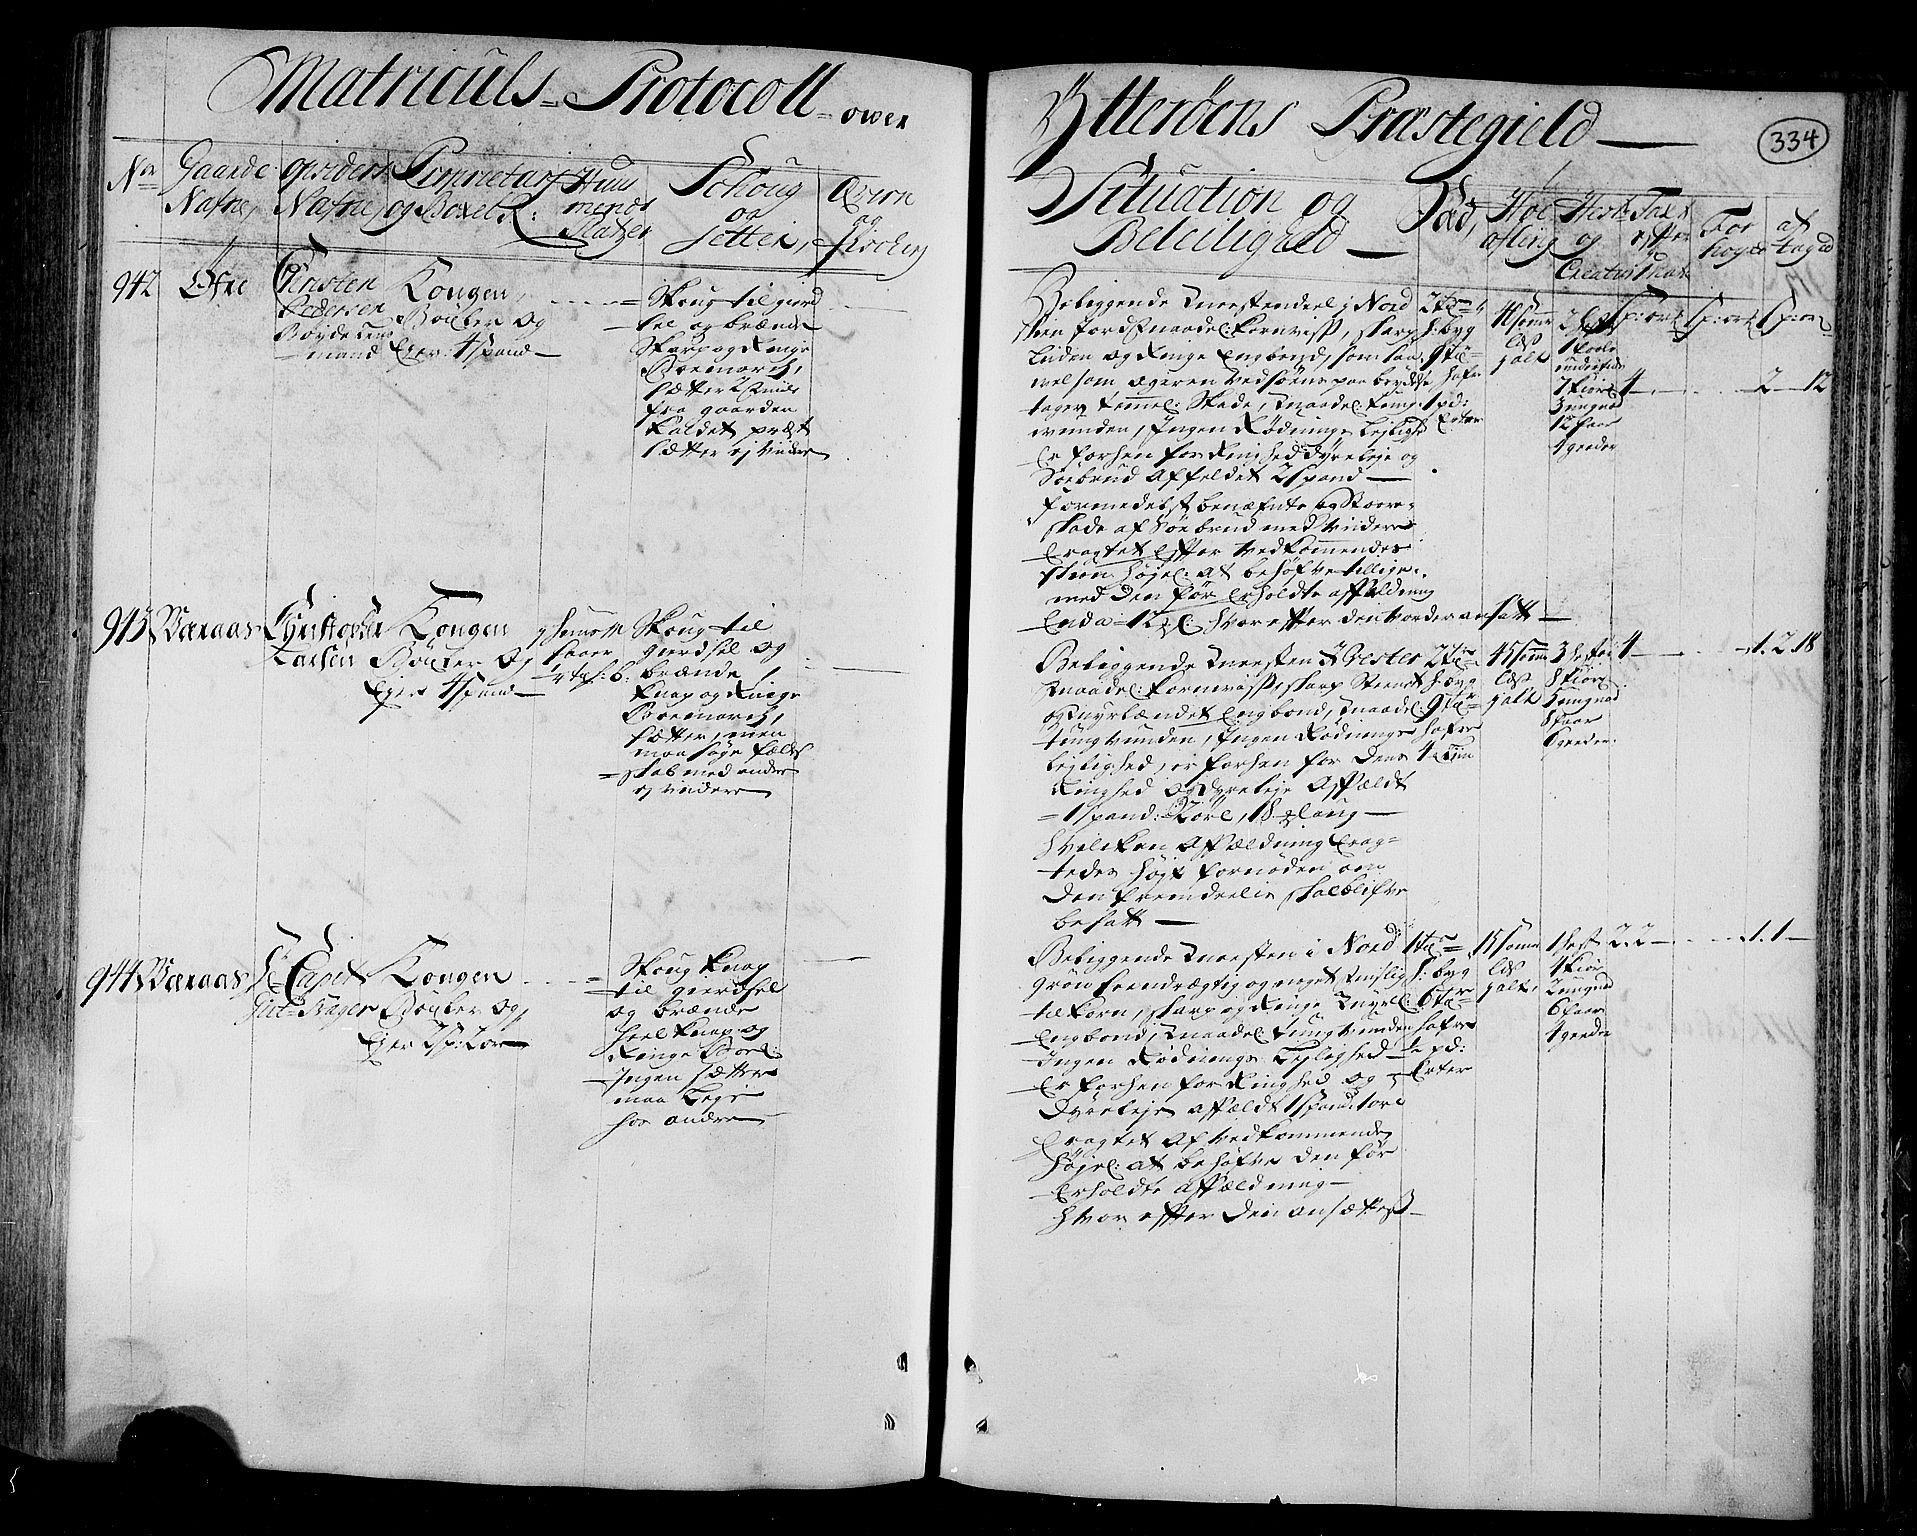 RA, Rentekammeret inntil 1814, Realistisk ordnet avdeling, N/Nb/Nbf/L0166: Inderøy eksaminasjonsprotokoll, 1723, s. 333b-334a